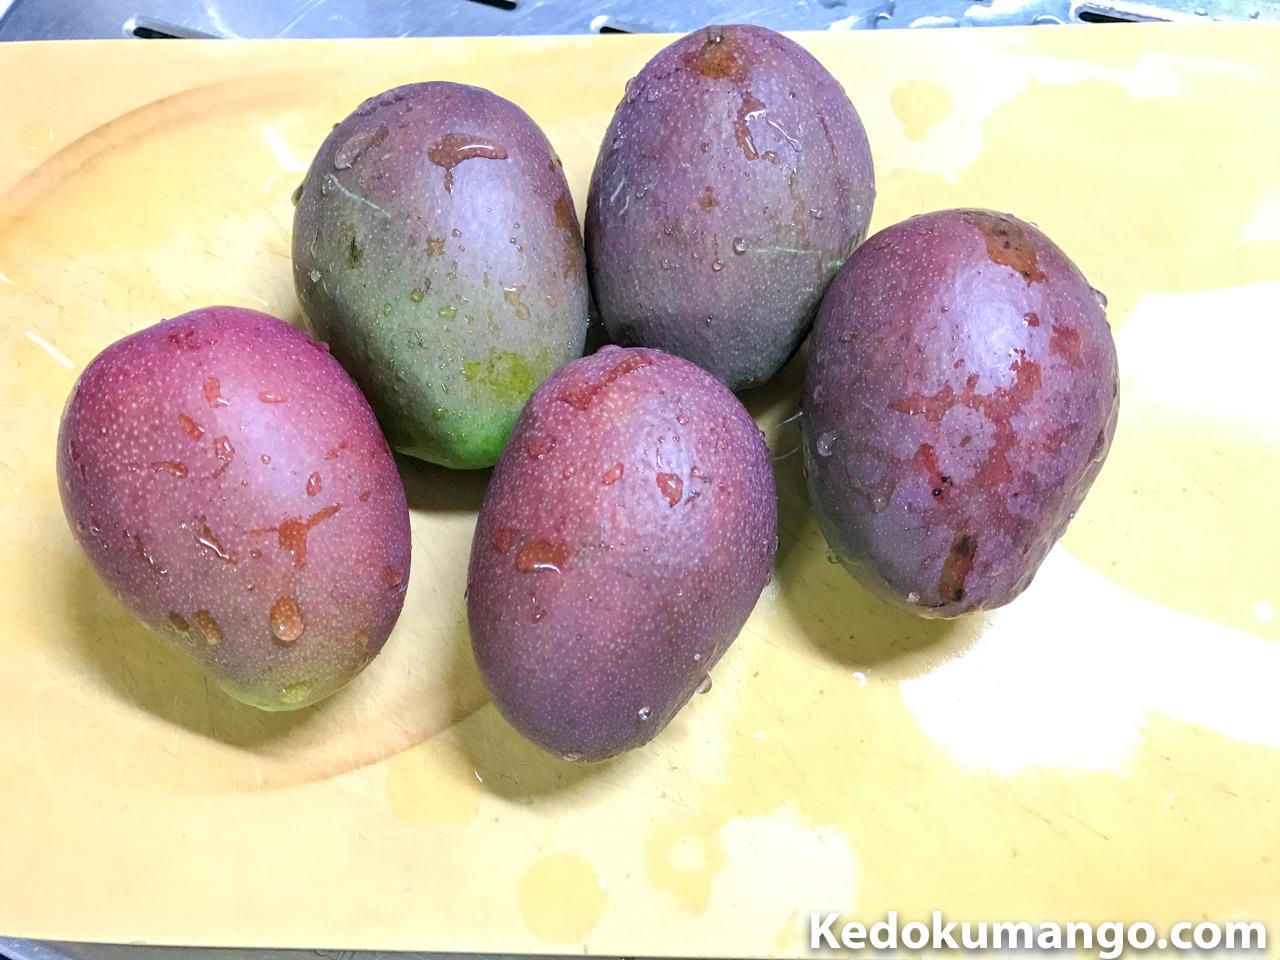 摘果したマンゴーの果実